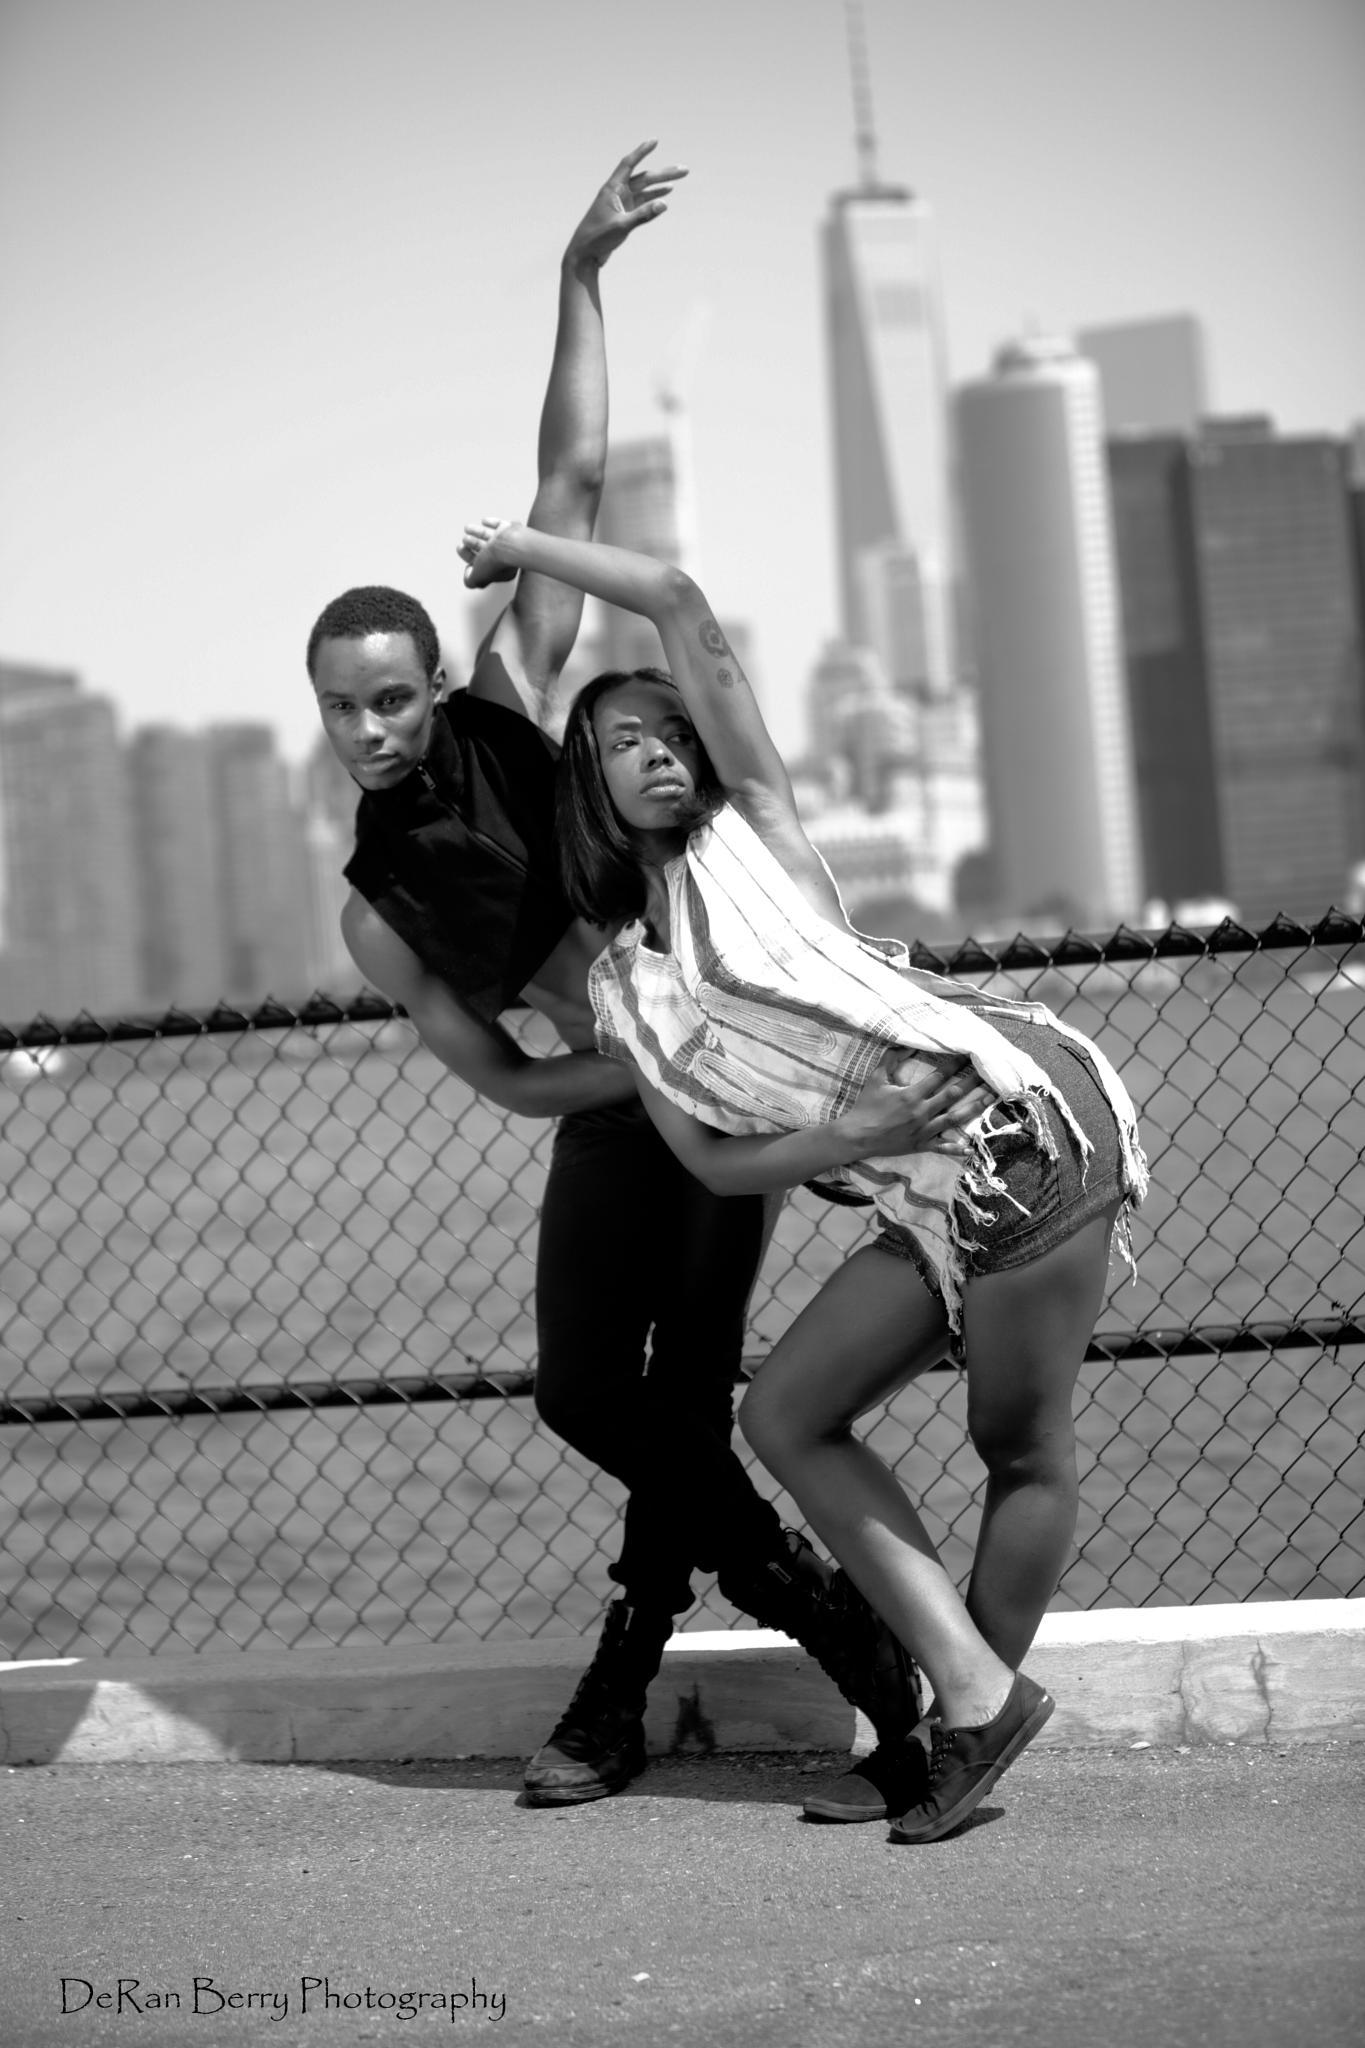 dancers by deranb